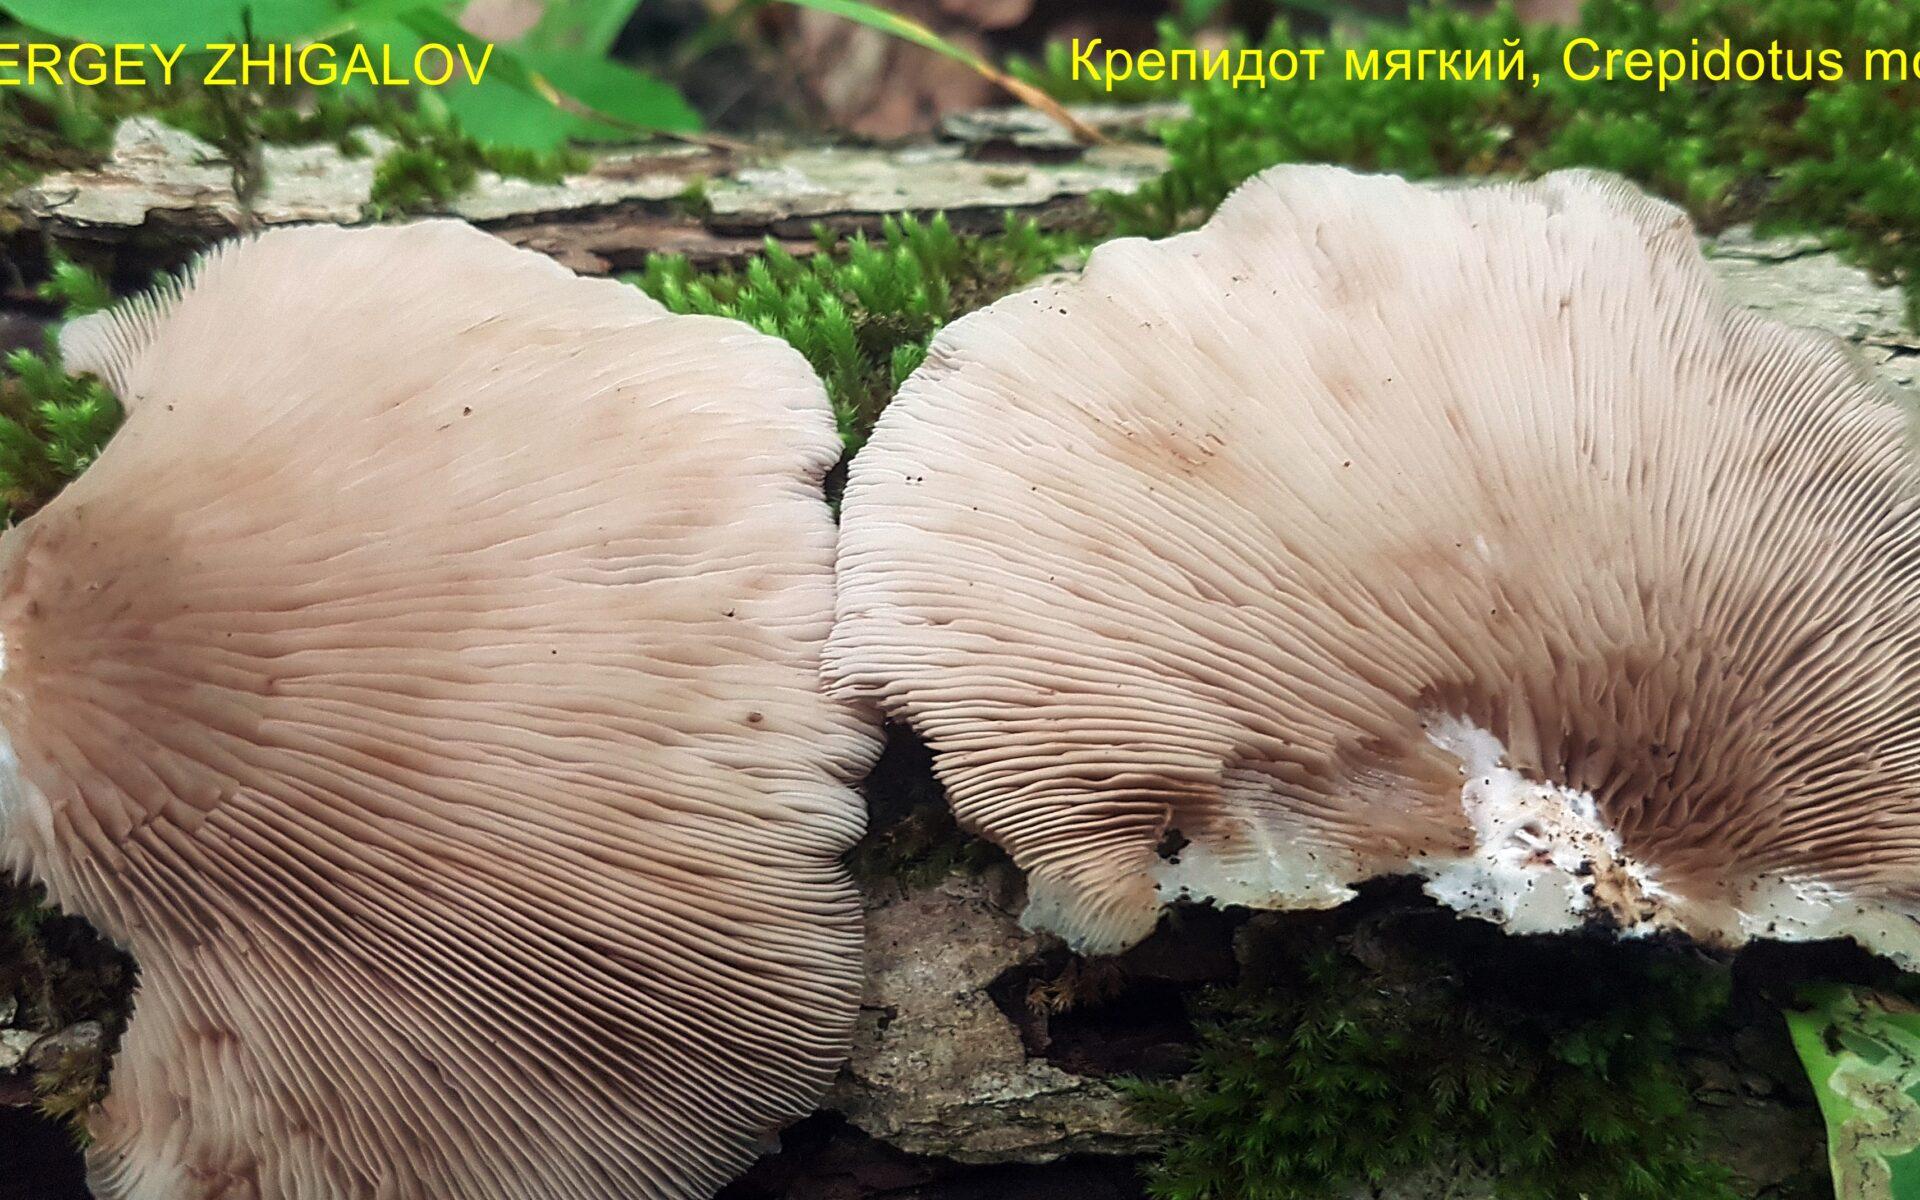 Крепидот мягкий Crepidotus mollis